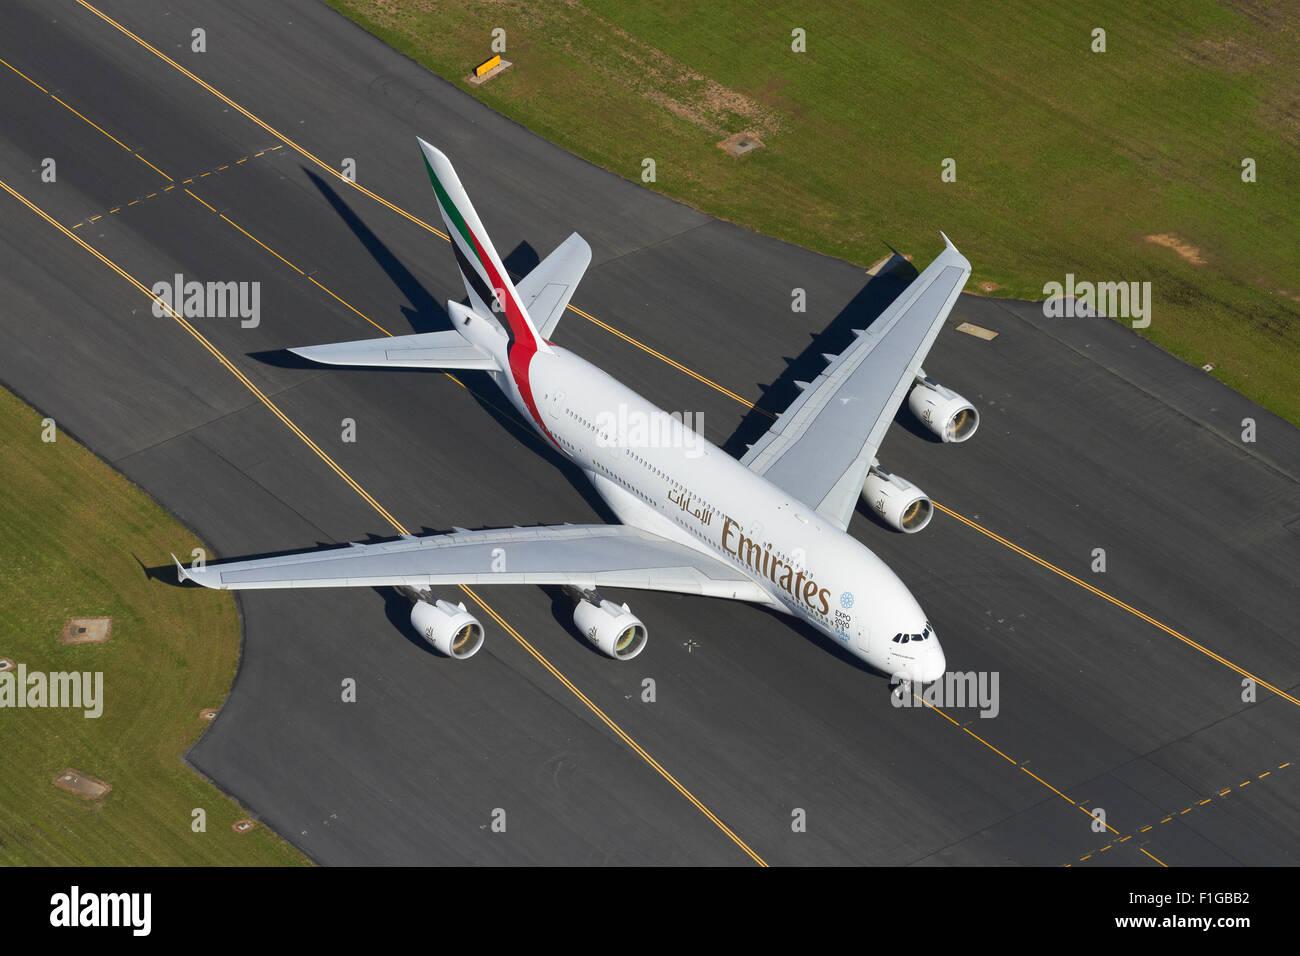 Unis Airbus A380 à l'aéroport d'Auckland, île du Nord, Nouvelle-Zélande - vue aérienne Photo Stock